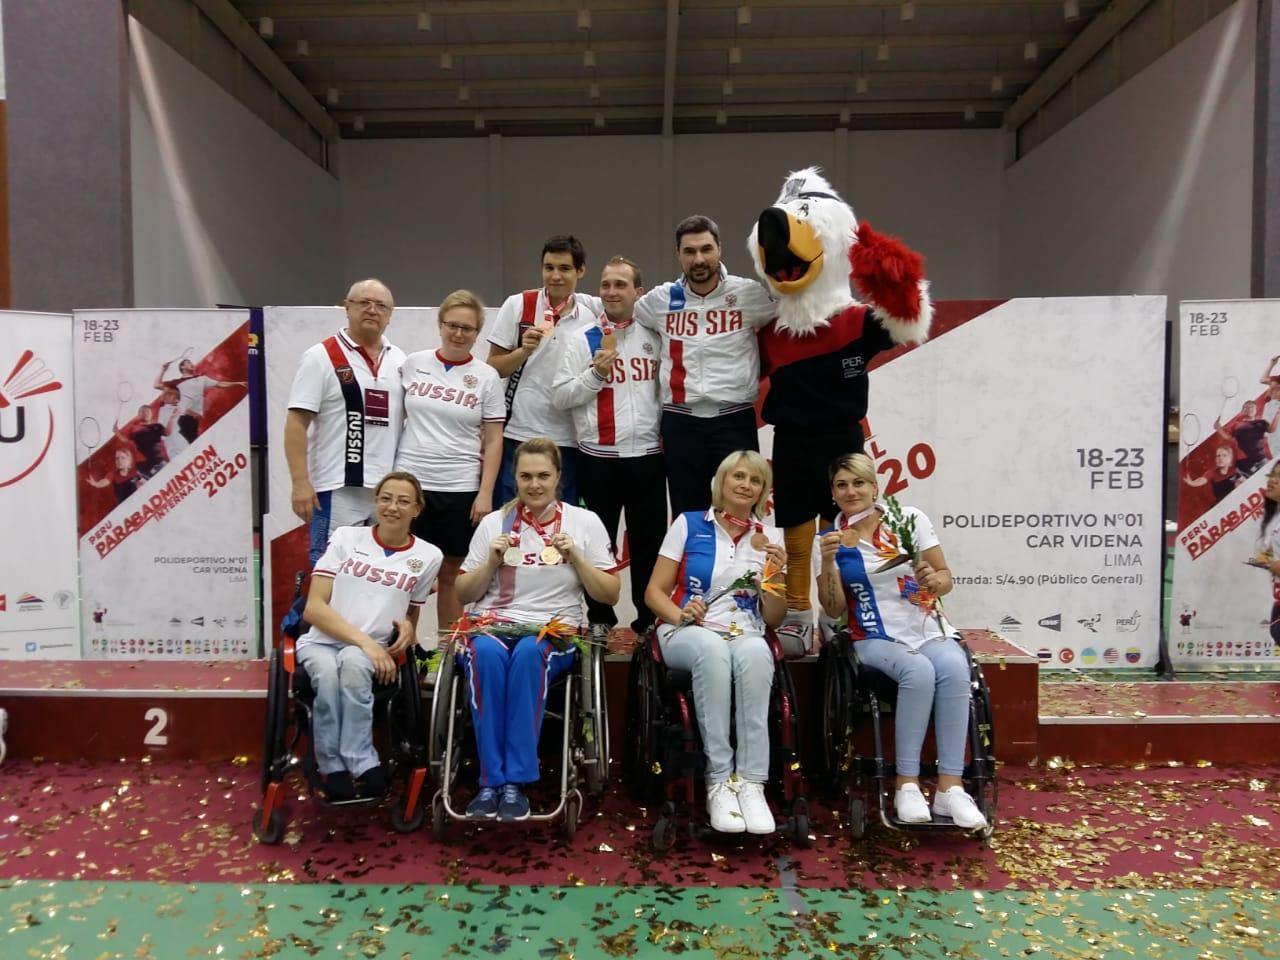 1 золотую, 1 серебряную и 2 бронзовые медали завоевала сборная России по бадминтону спорта лиц с ПОДА на международных соревнованиях в Перу